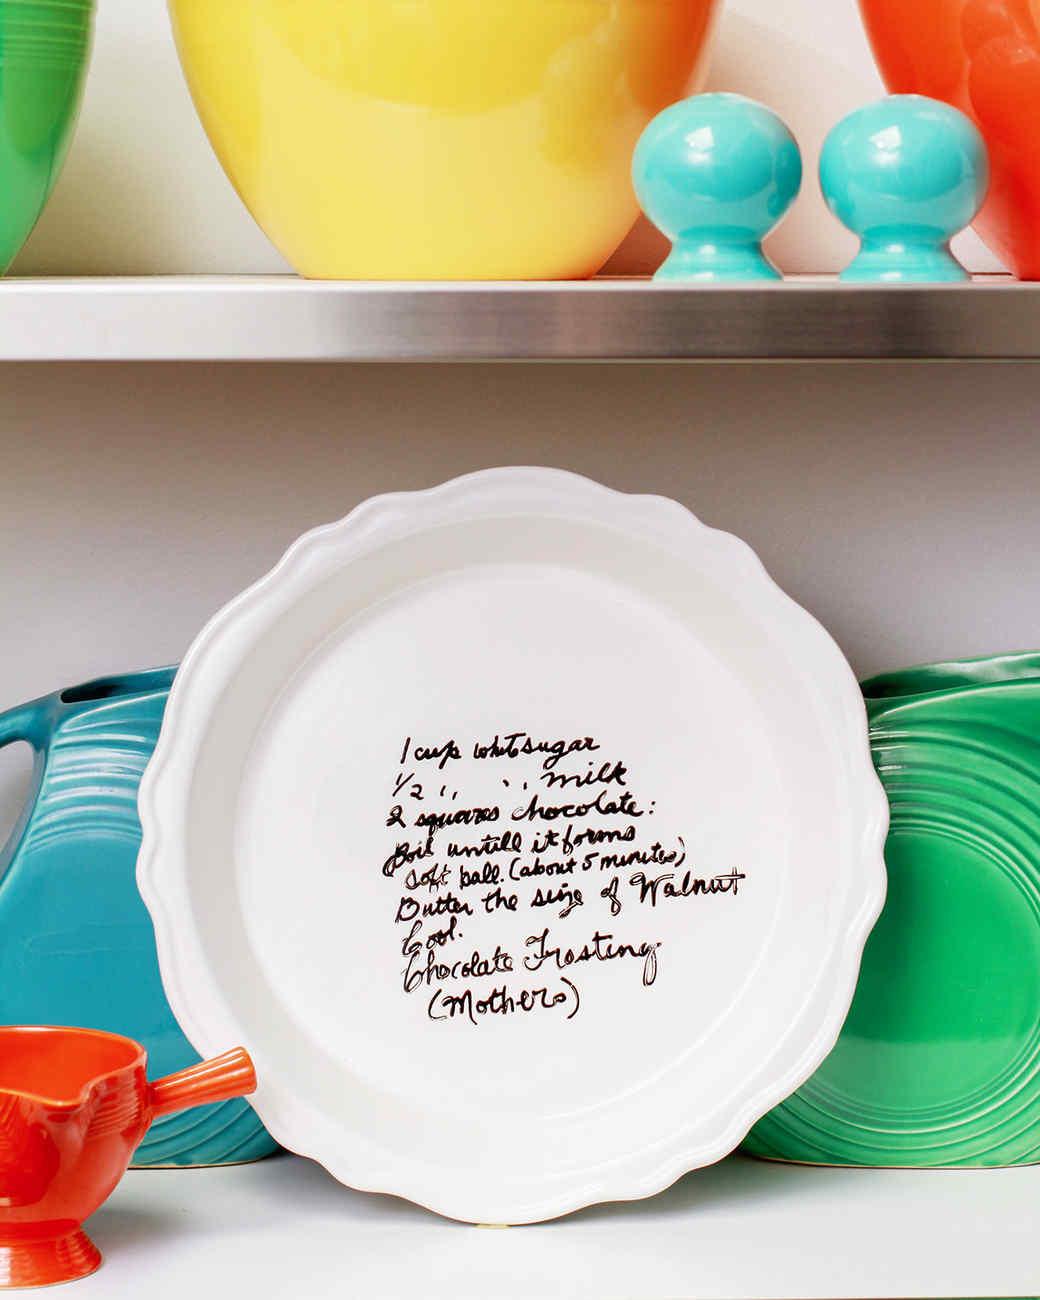 handwritten recipe on pie plate displayed